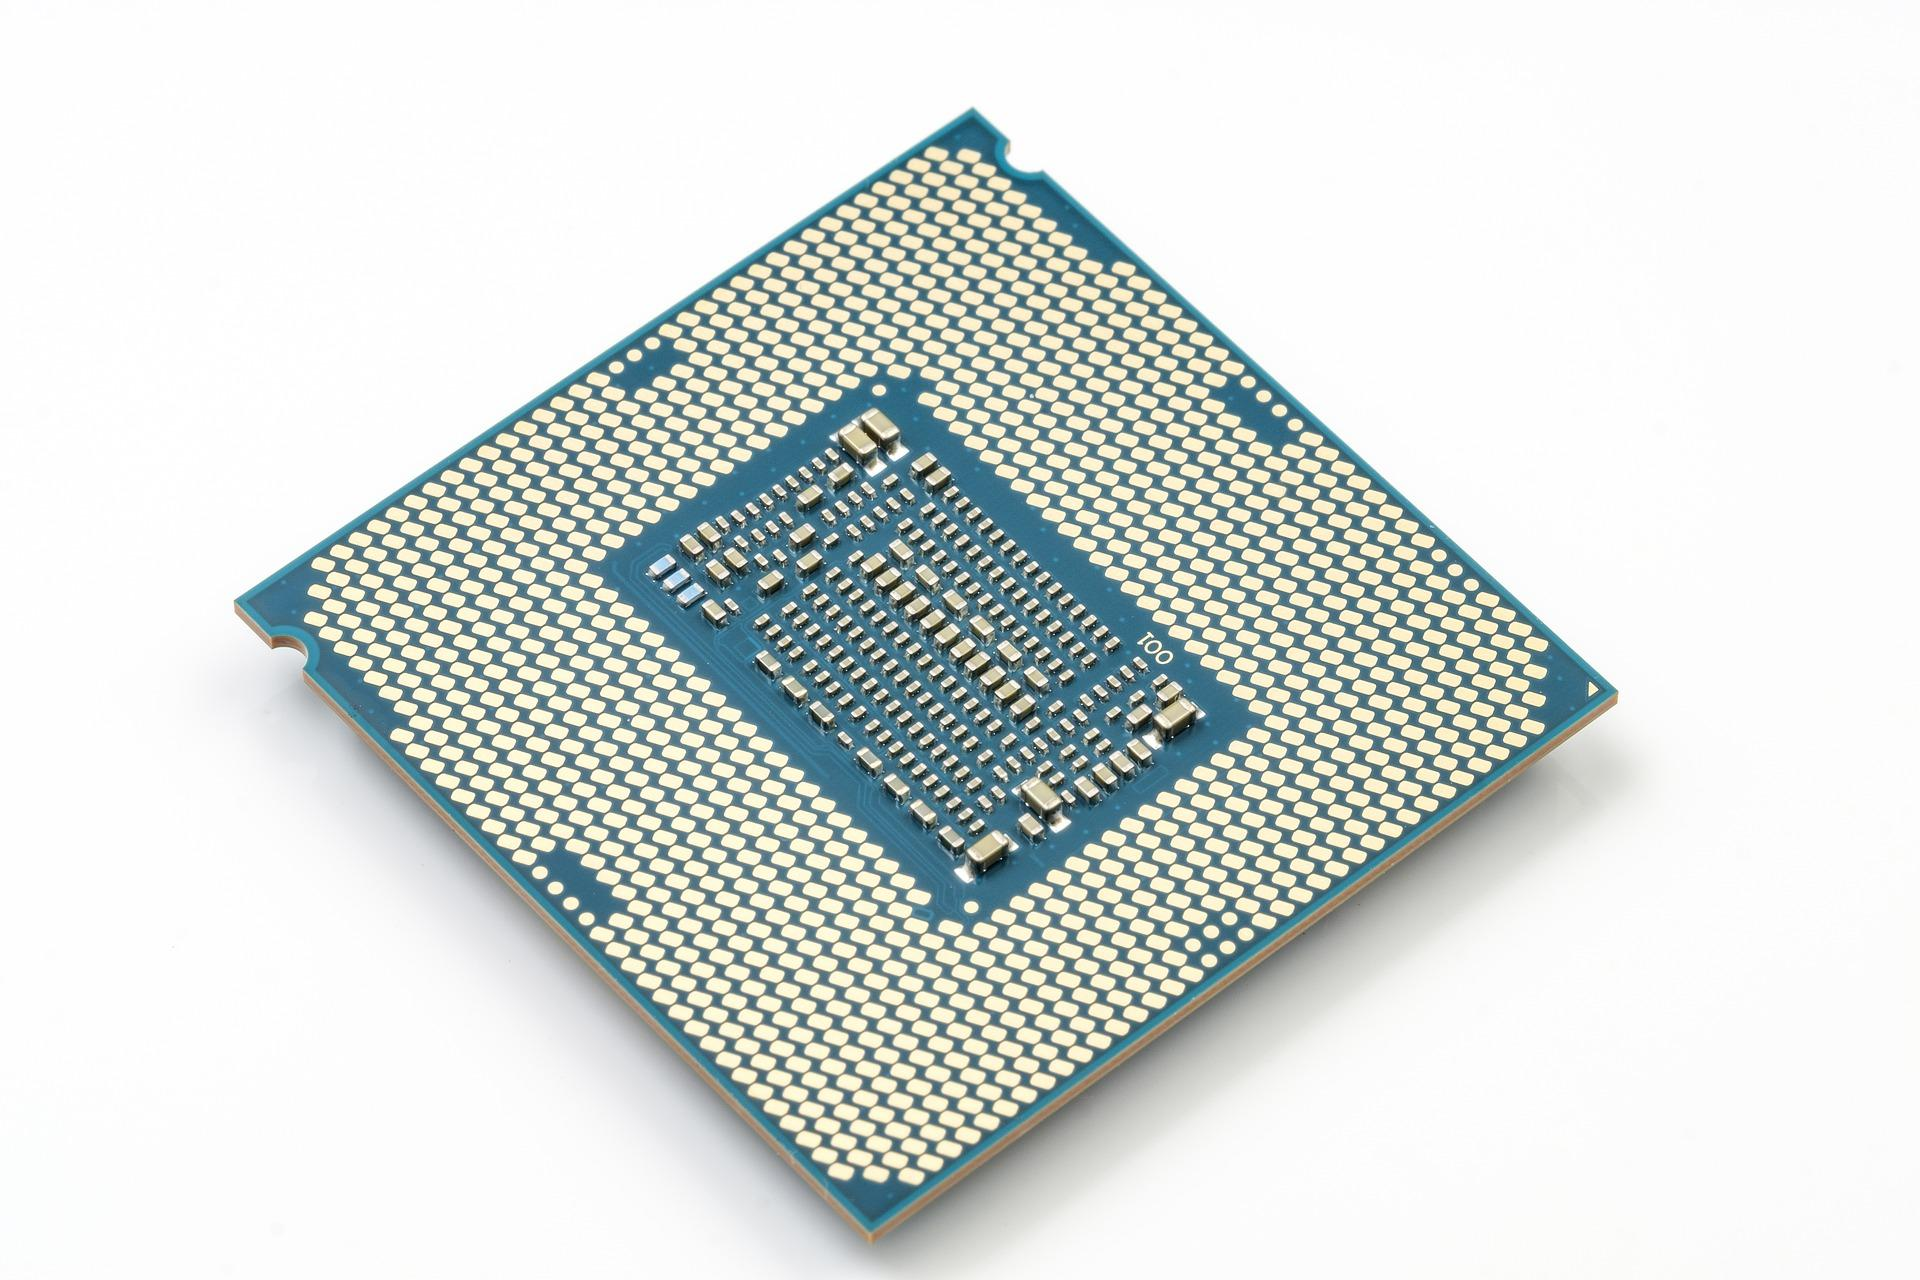 Утечка 8-ядерных процессоров Intel Rocket Lake 5,0 ГГц. Они науровне AMD Ryzen 7 5800X